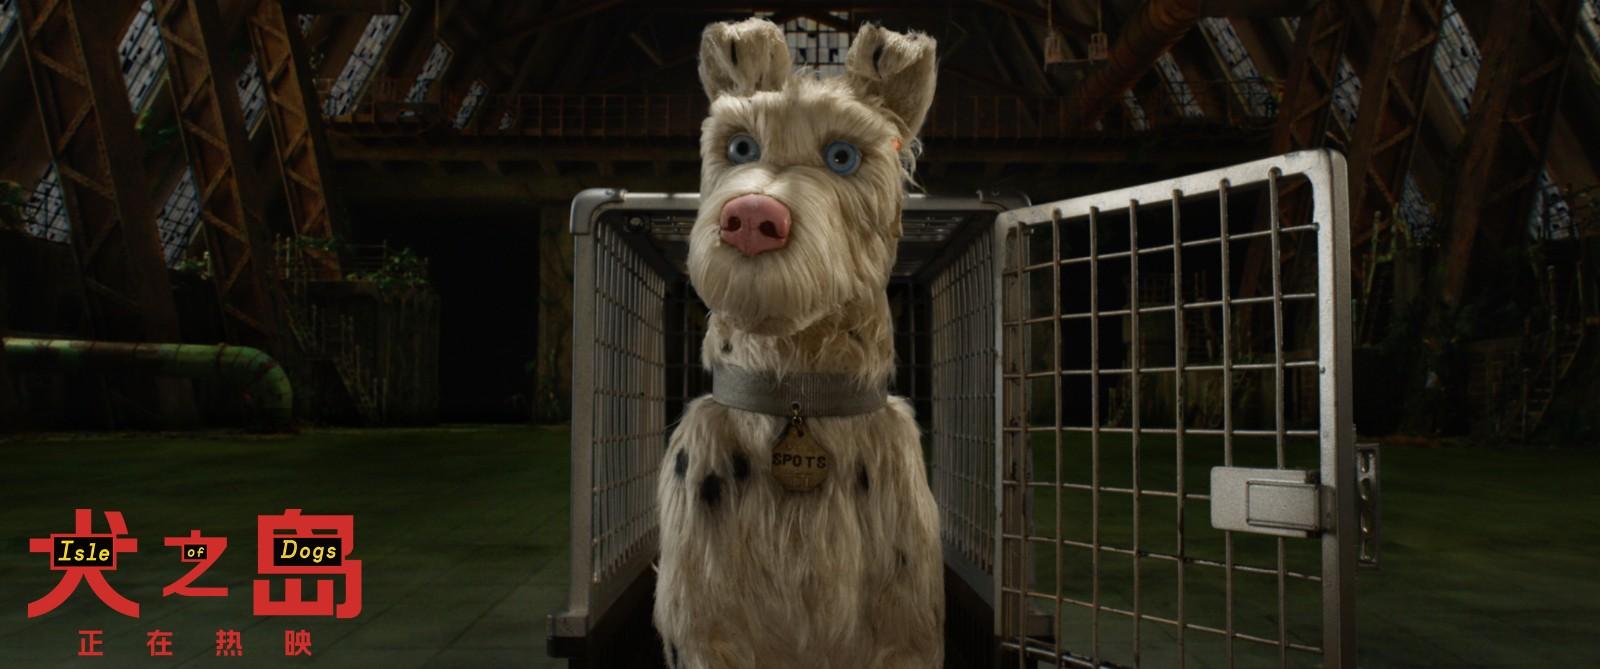 流浪狗遭遇现实版《犬之岛》 造梦大师韦斯·安德森新片获好评